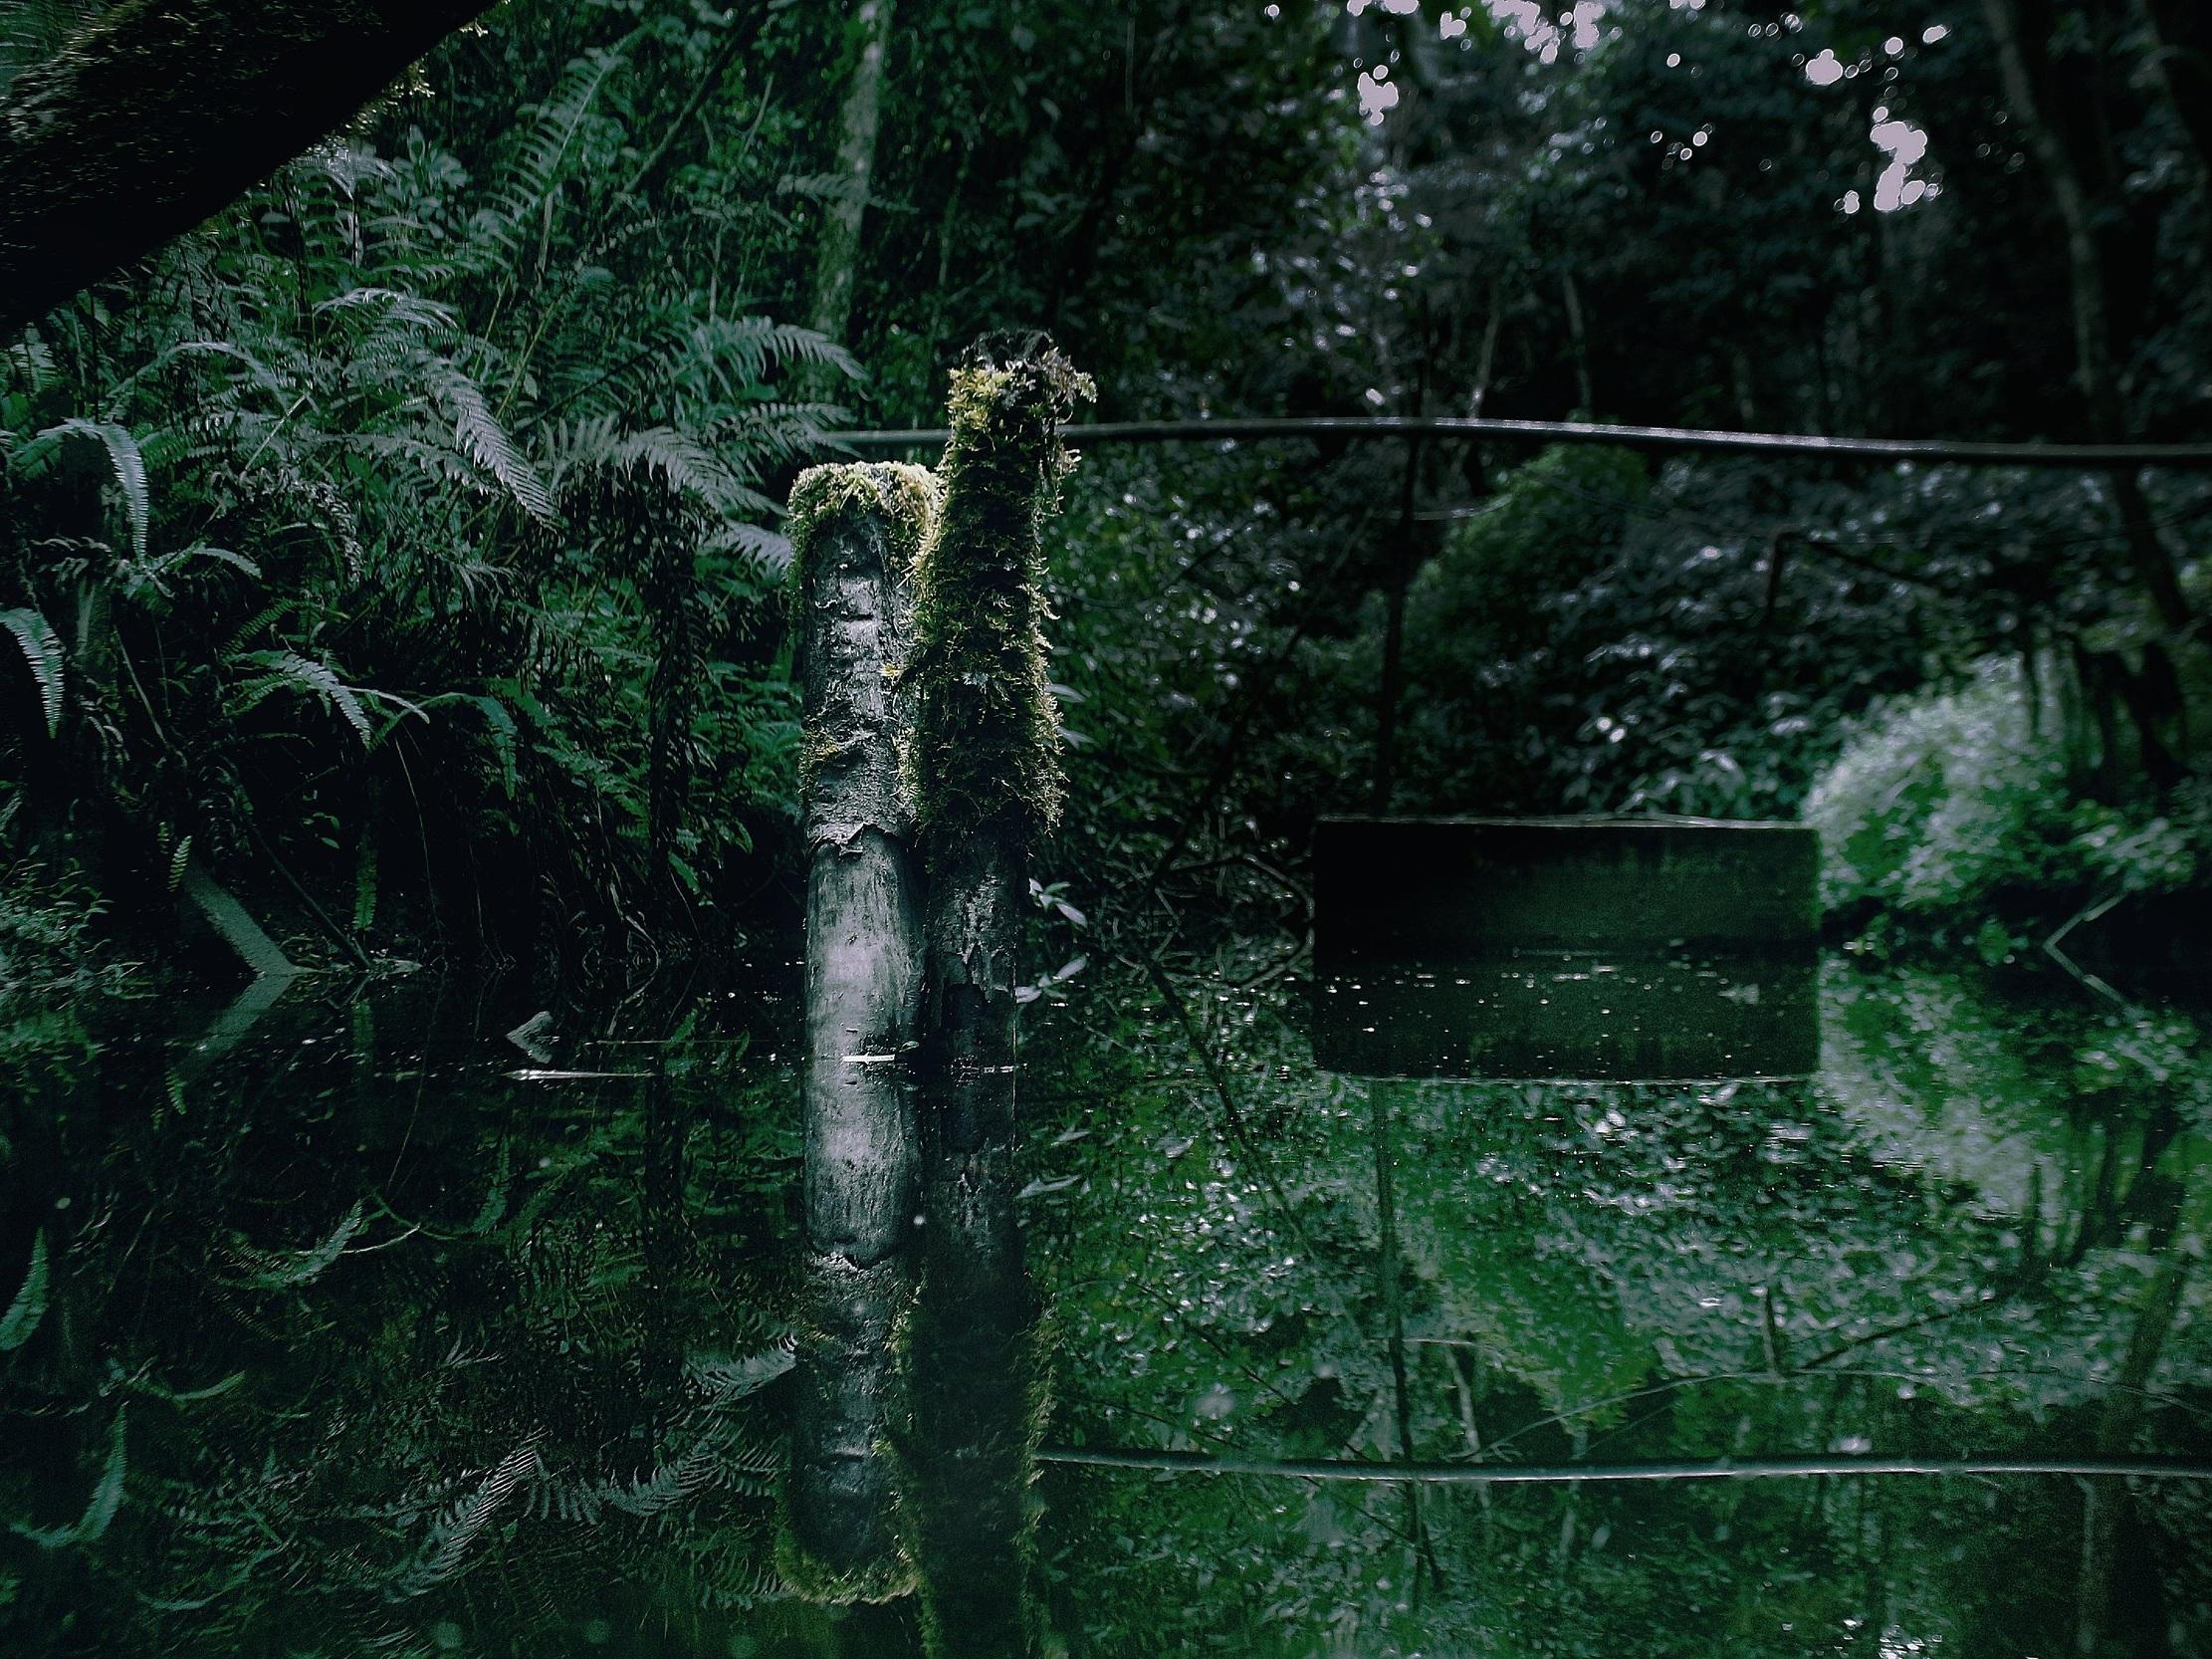 vegangrouptriptorainforest